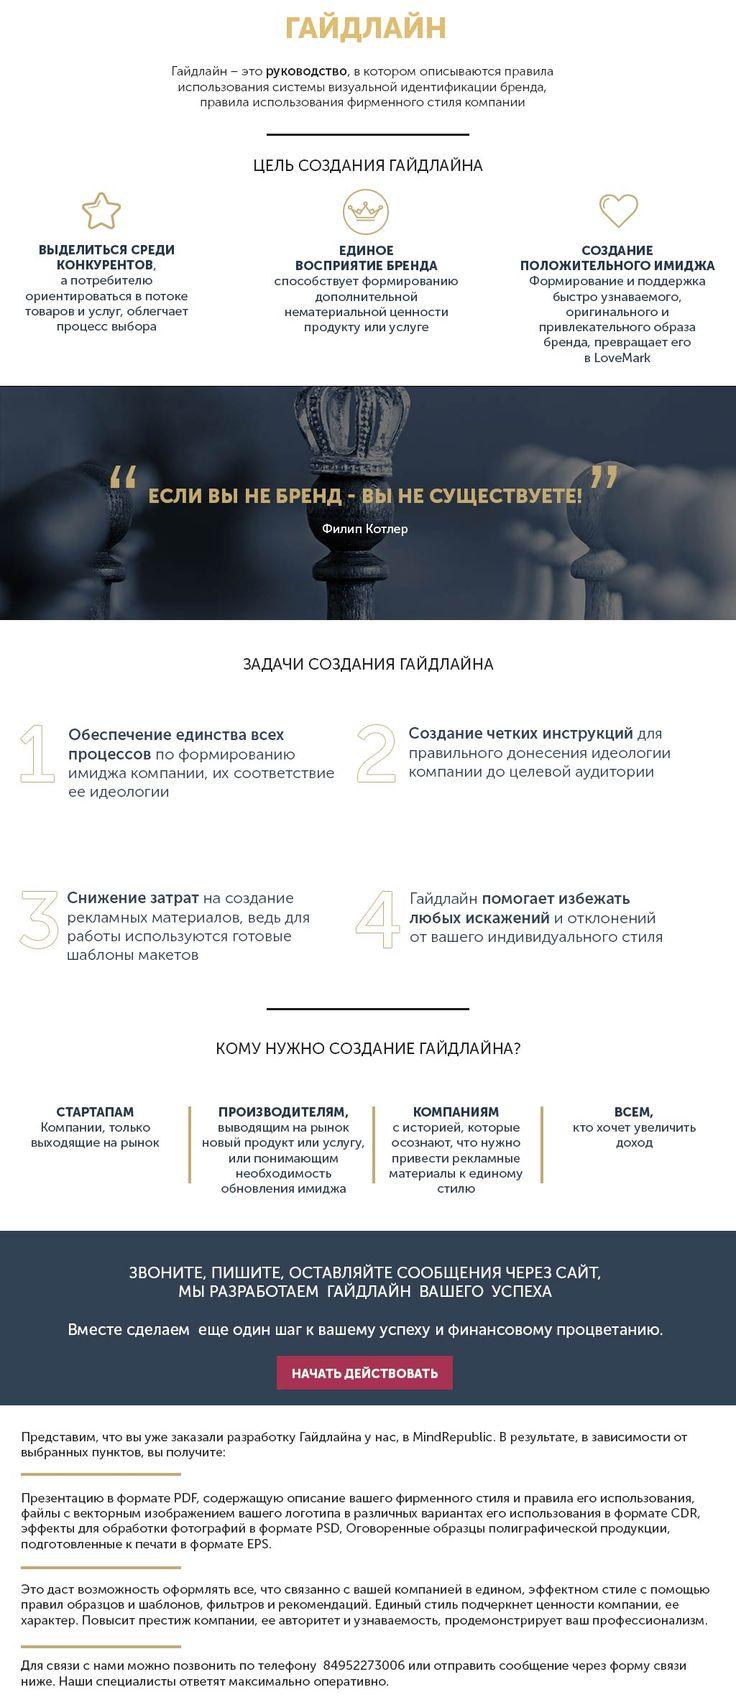 создание или разработка гайдлайна инфографика лэндинг фотография разработка гайдлайна цели и задачи. Инфографика